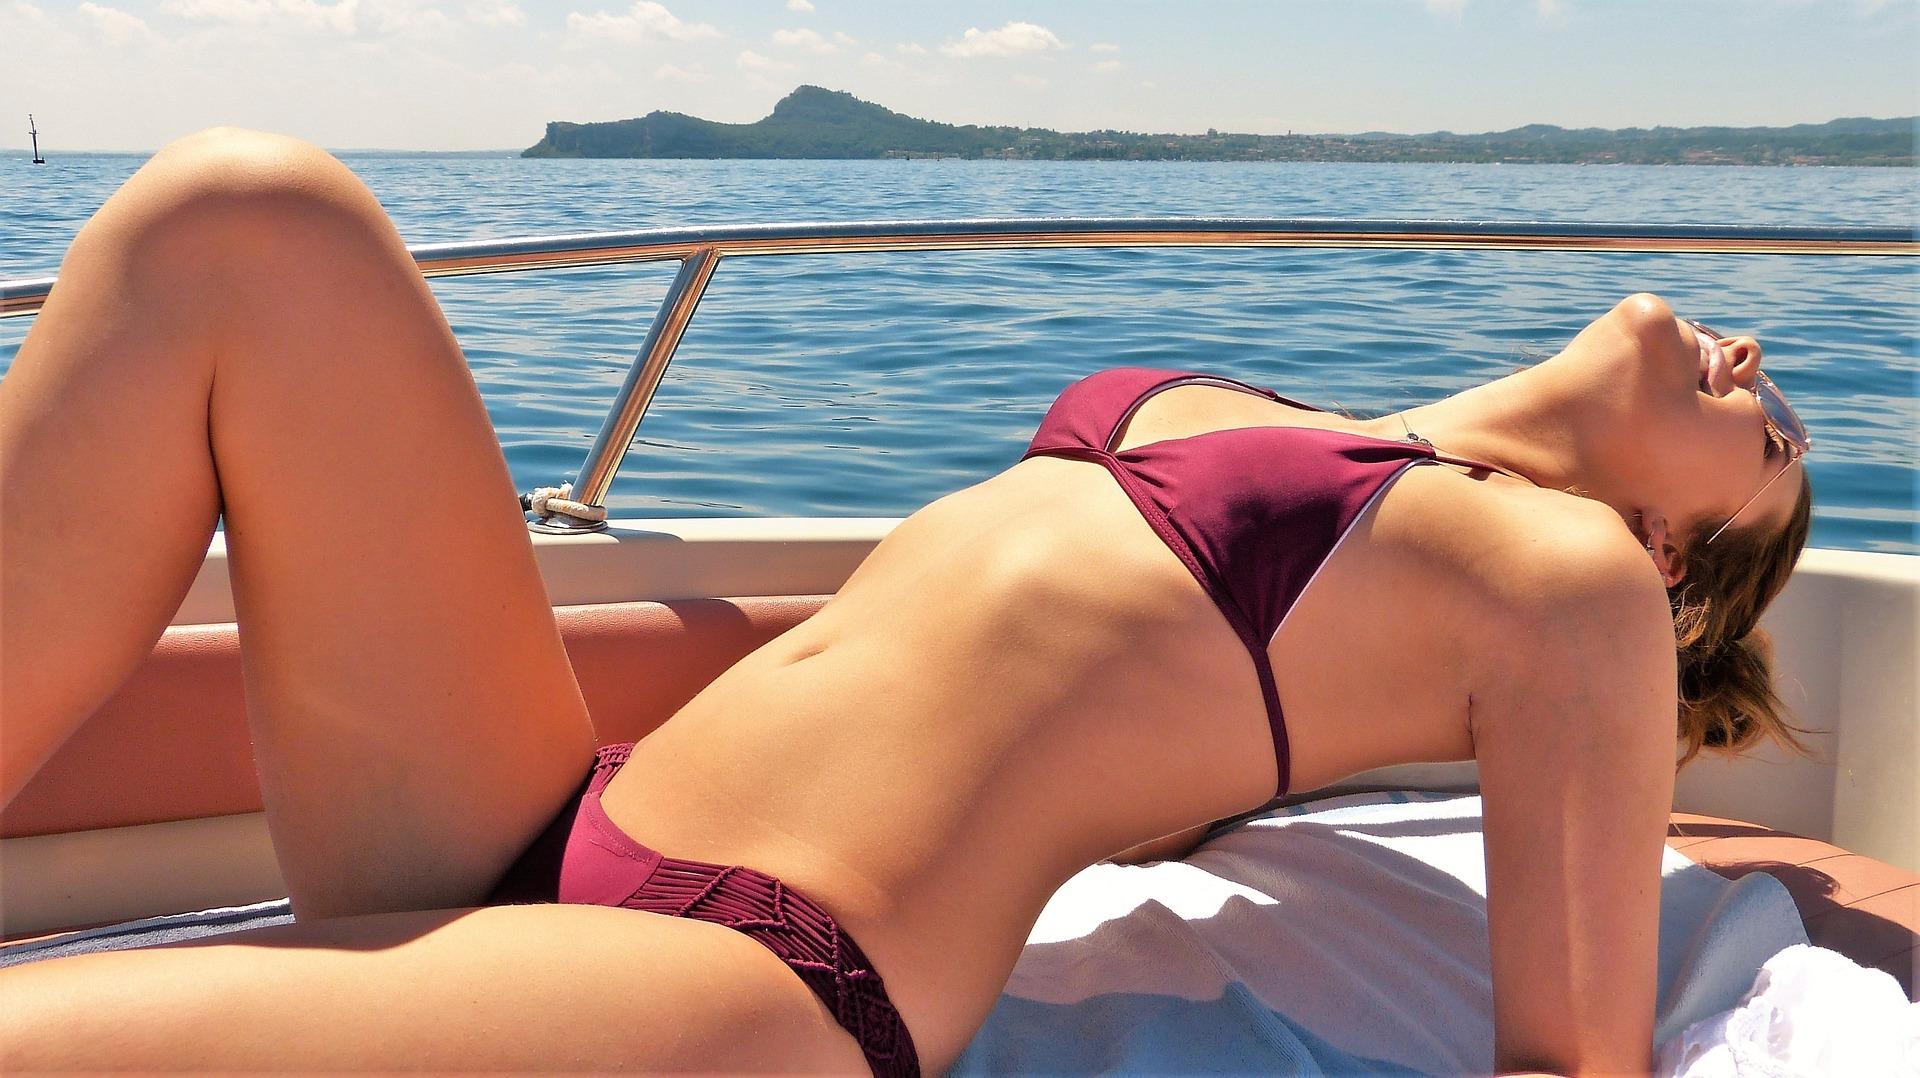 woman in bikini sunbathing on a boat